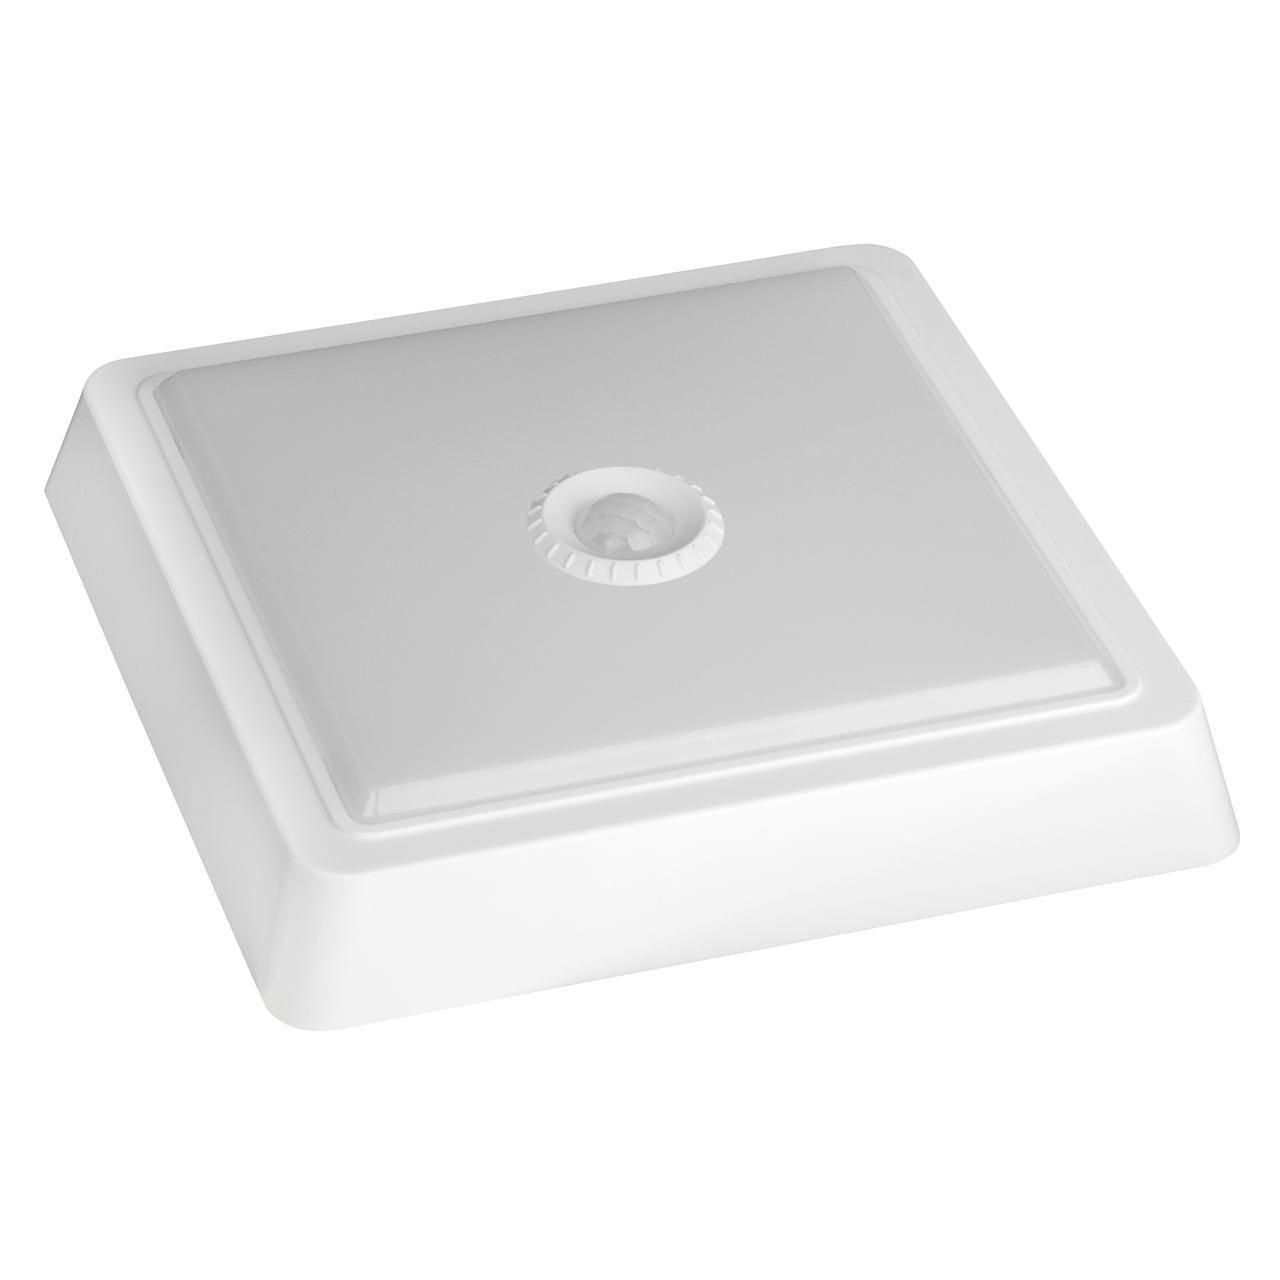 цена на Настенно-потолочный светильник Эра SPB-4-15-4K-MWS, LED, 15 Вт